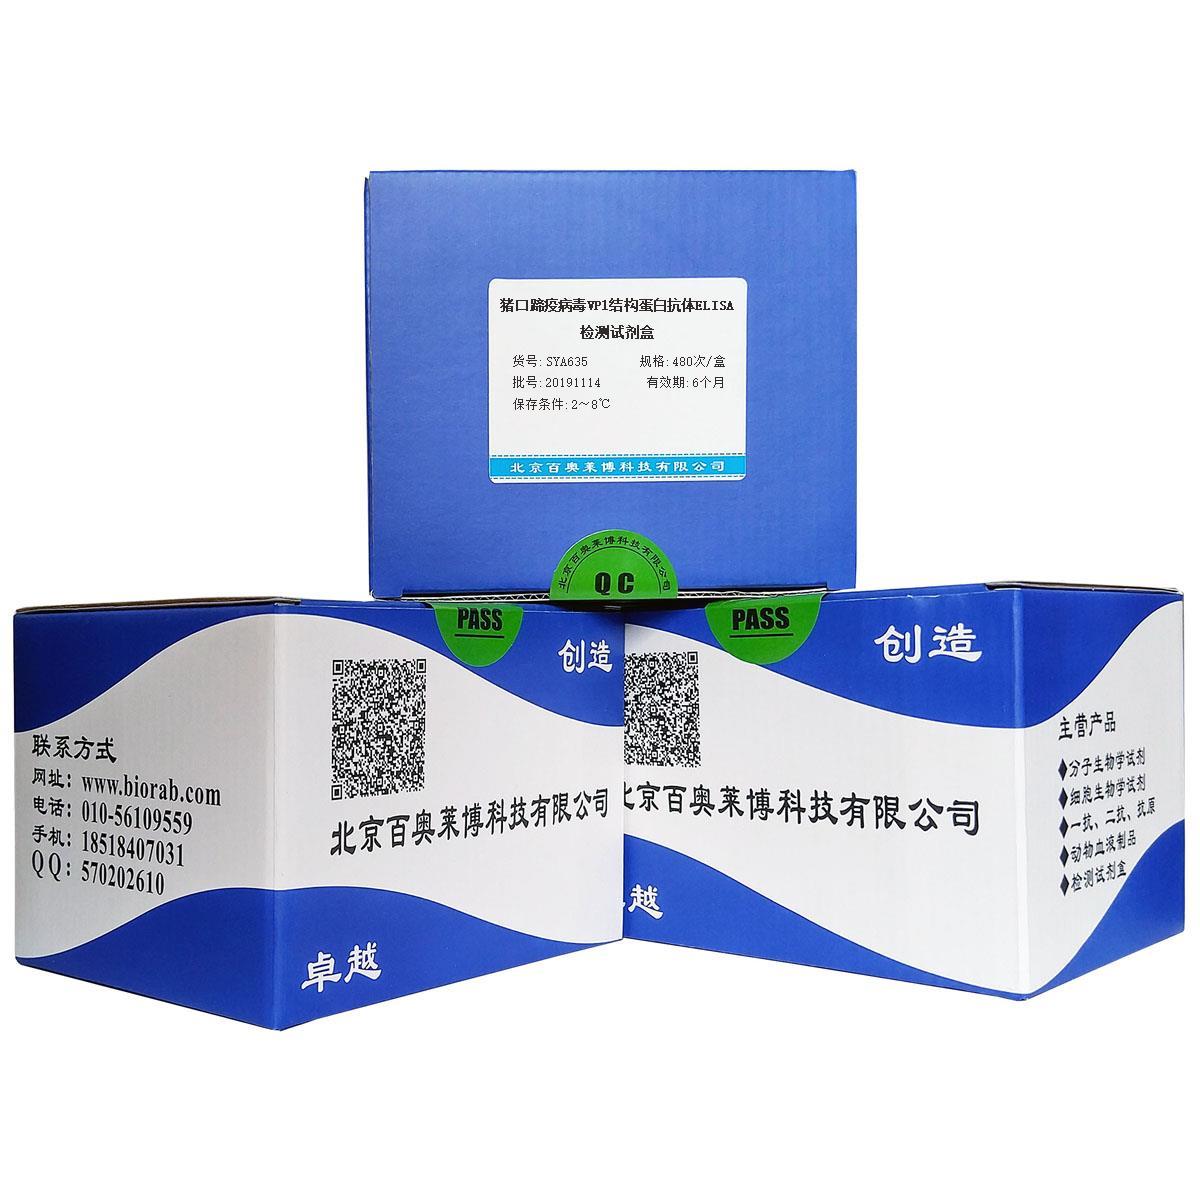 猪口蹄疫病毒VP1结构蛋白抗体ELISA检测试剂盒